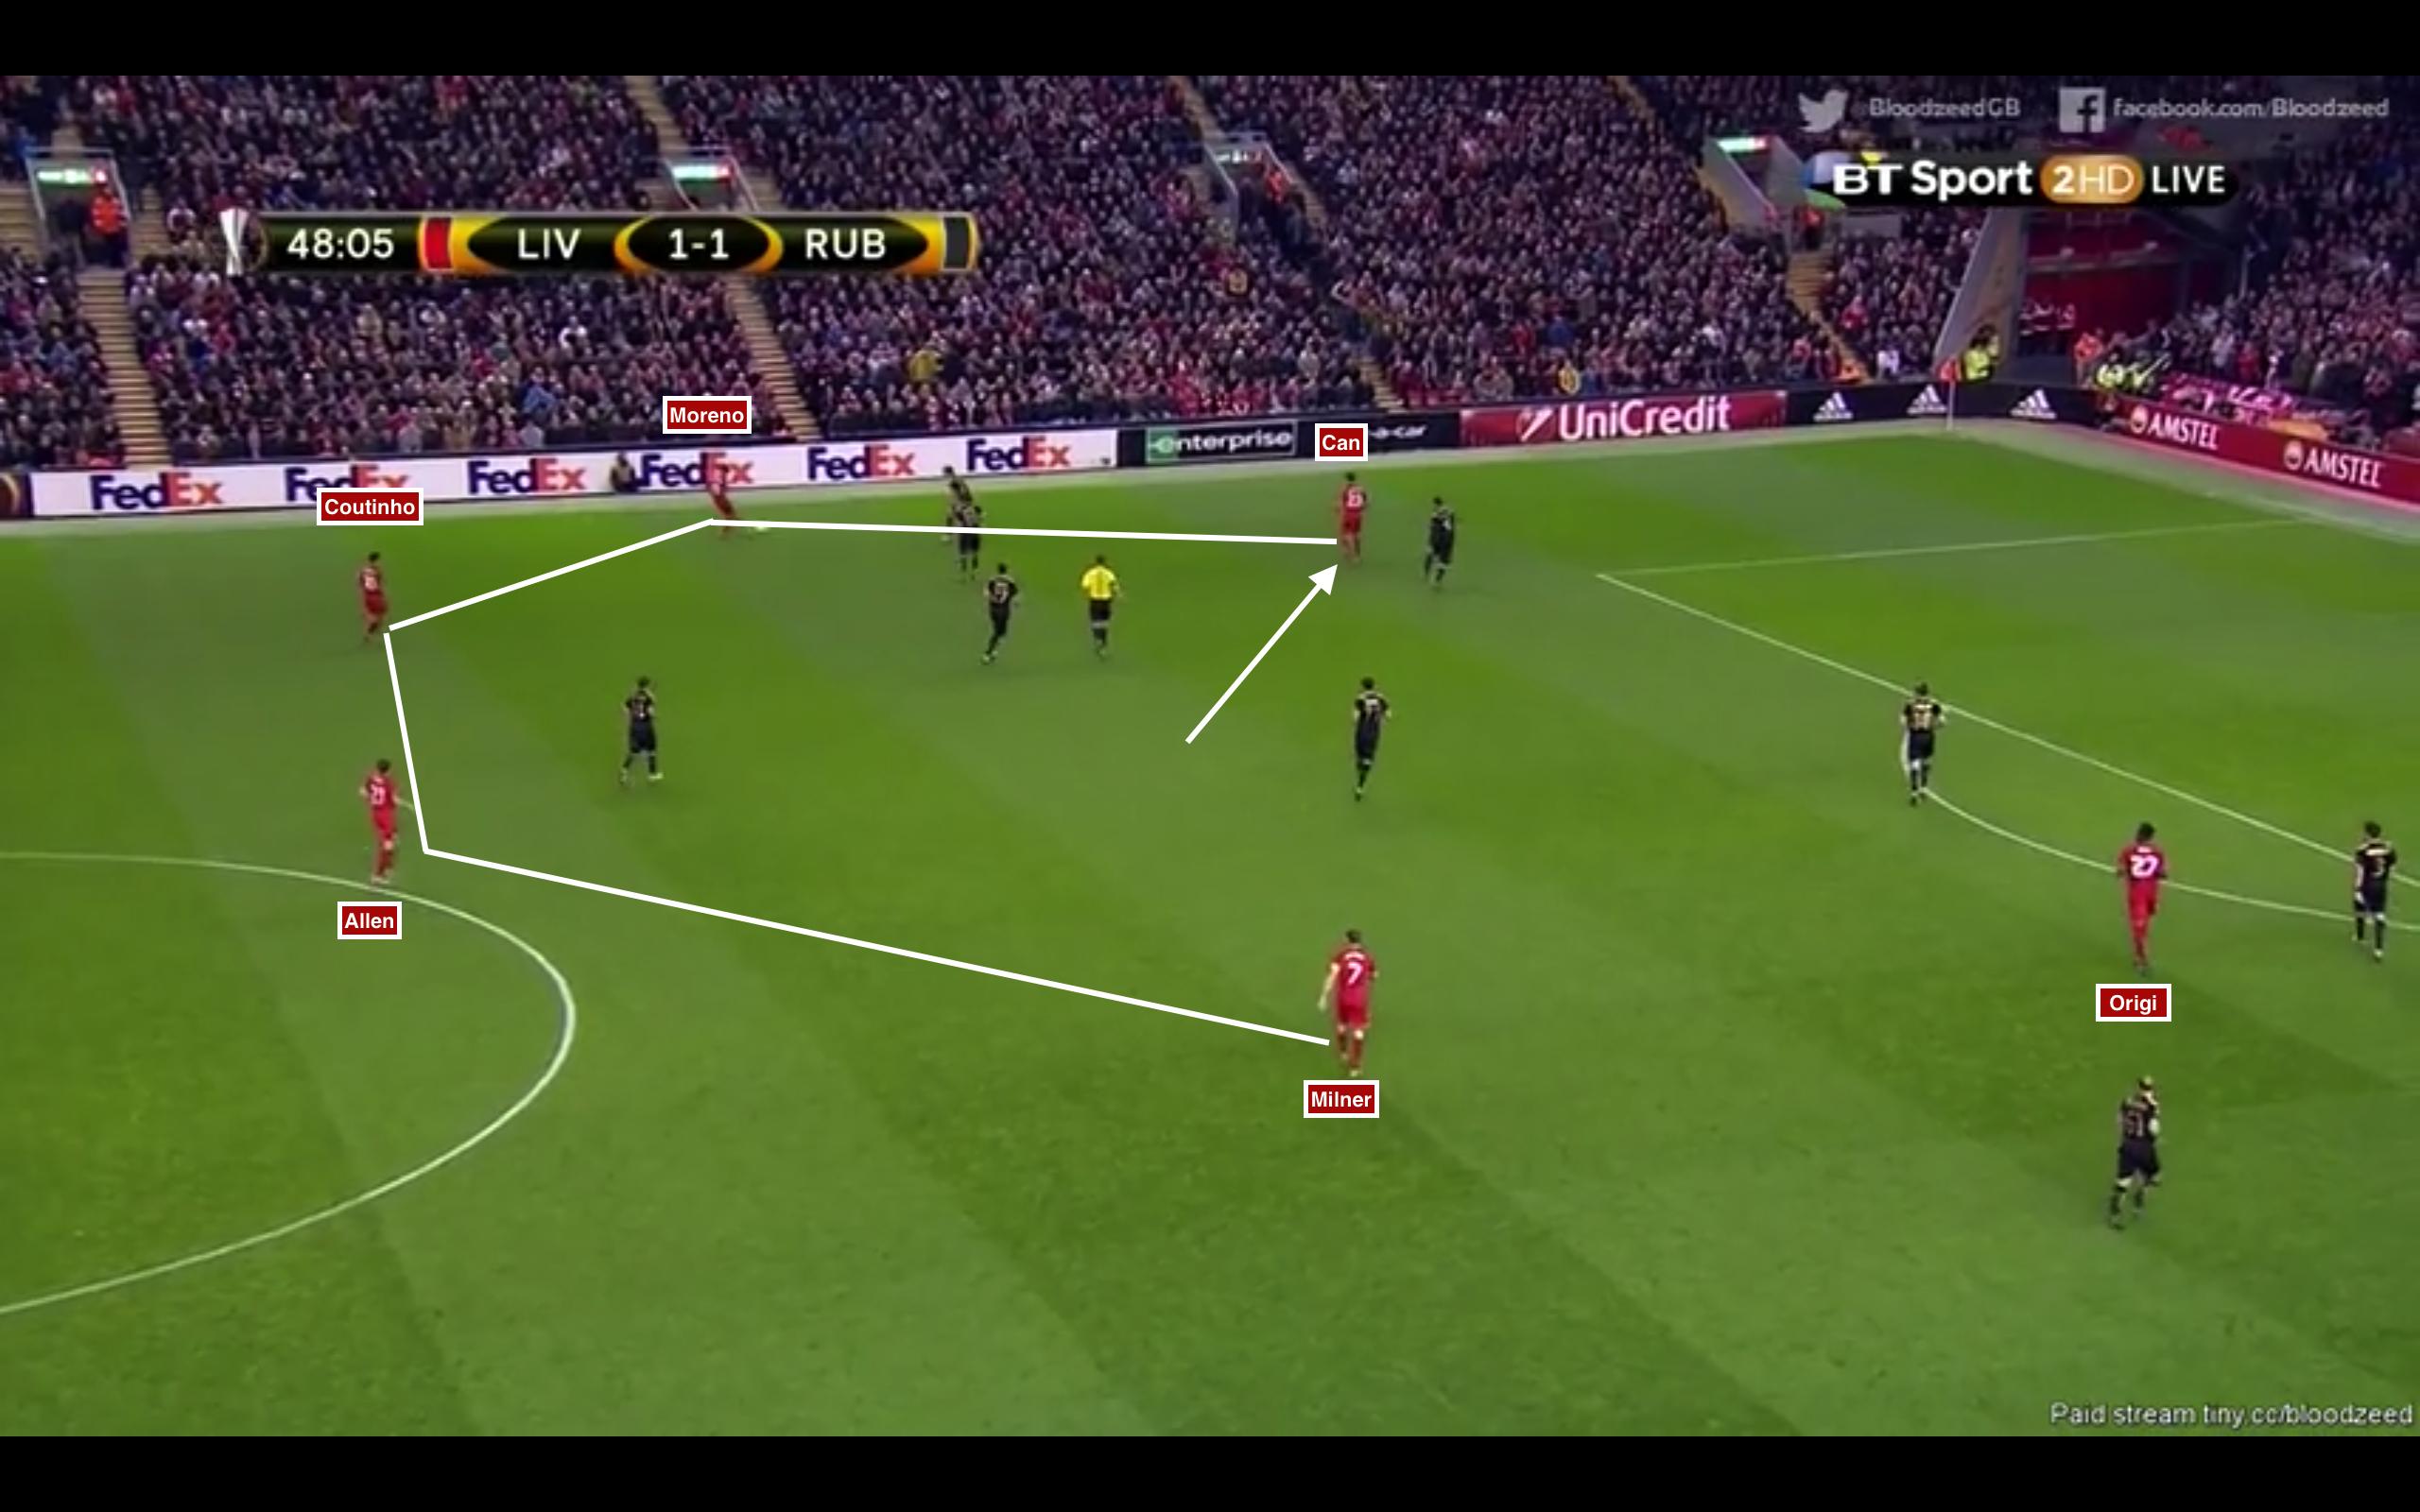 Can driftet in den offen Raum, anstatt im Halbraum zu bleiben. Moreno spielt ihn nun entlang der Linie an und das Spiel ist komplett am Flügel isoliert. Die anderen Spieler schieben nicht nach und das Zentrum ist nicht besetzt.